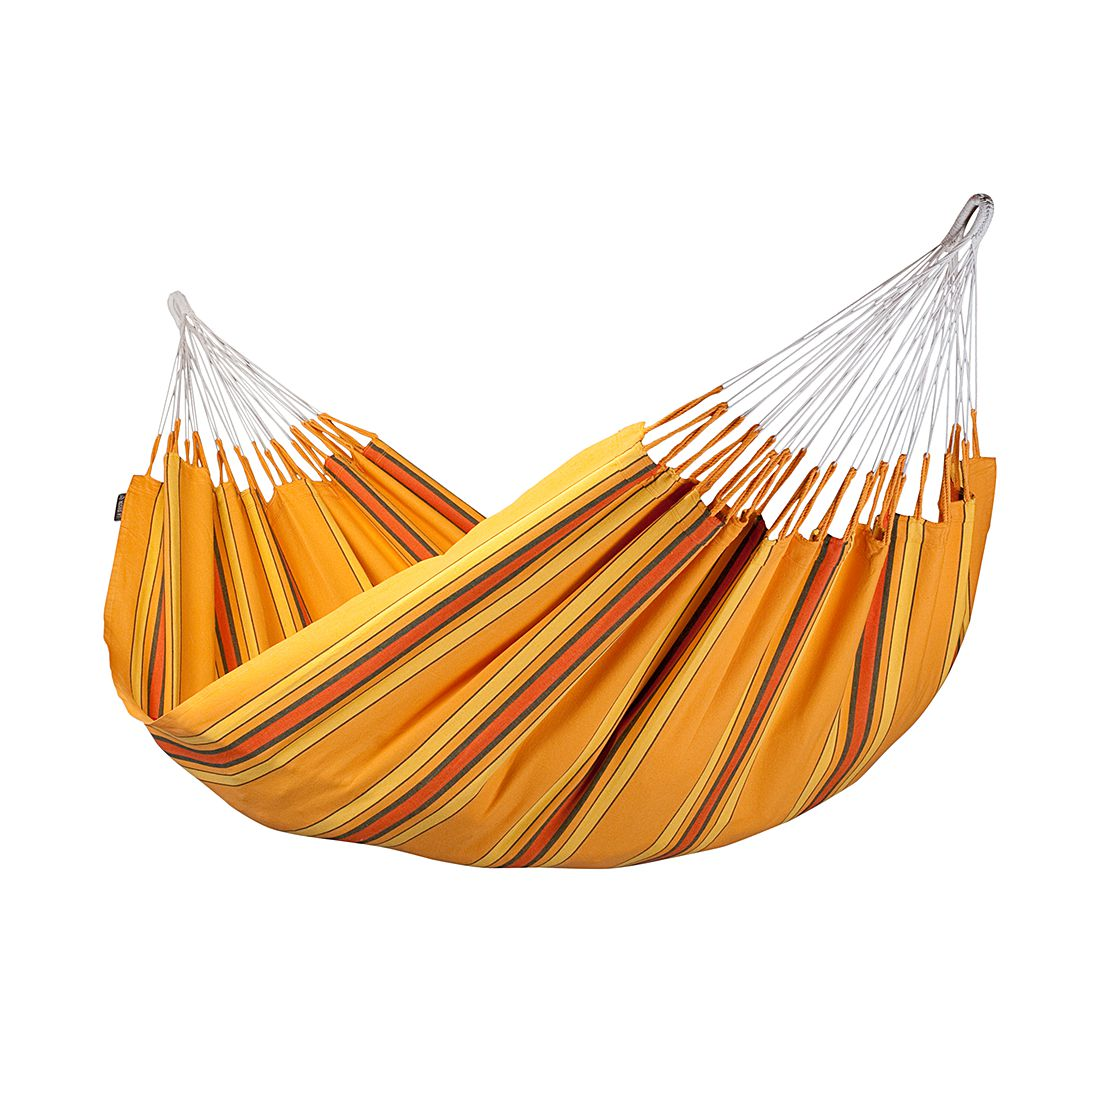 Doppel-Hängematte Currambera - Orange, La Siesta